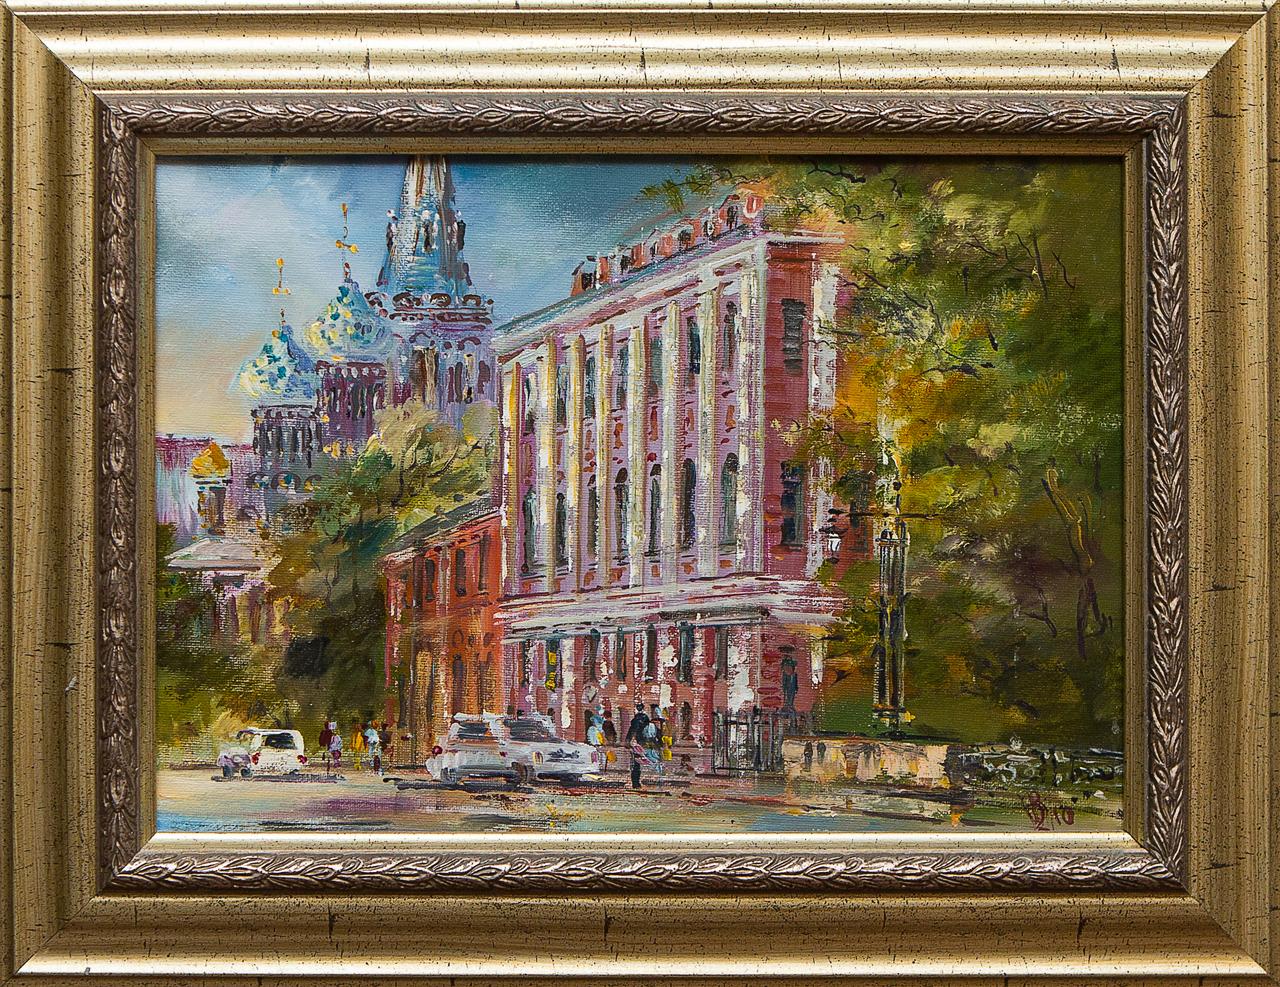 Картина маслом Исторический центр Шеренкова картина маслом европа шеренкова